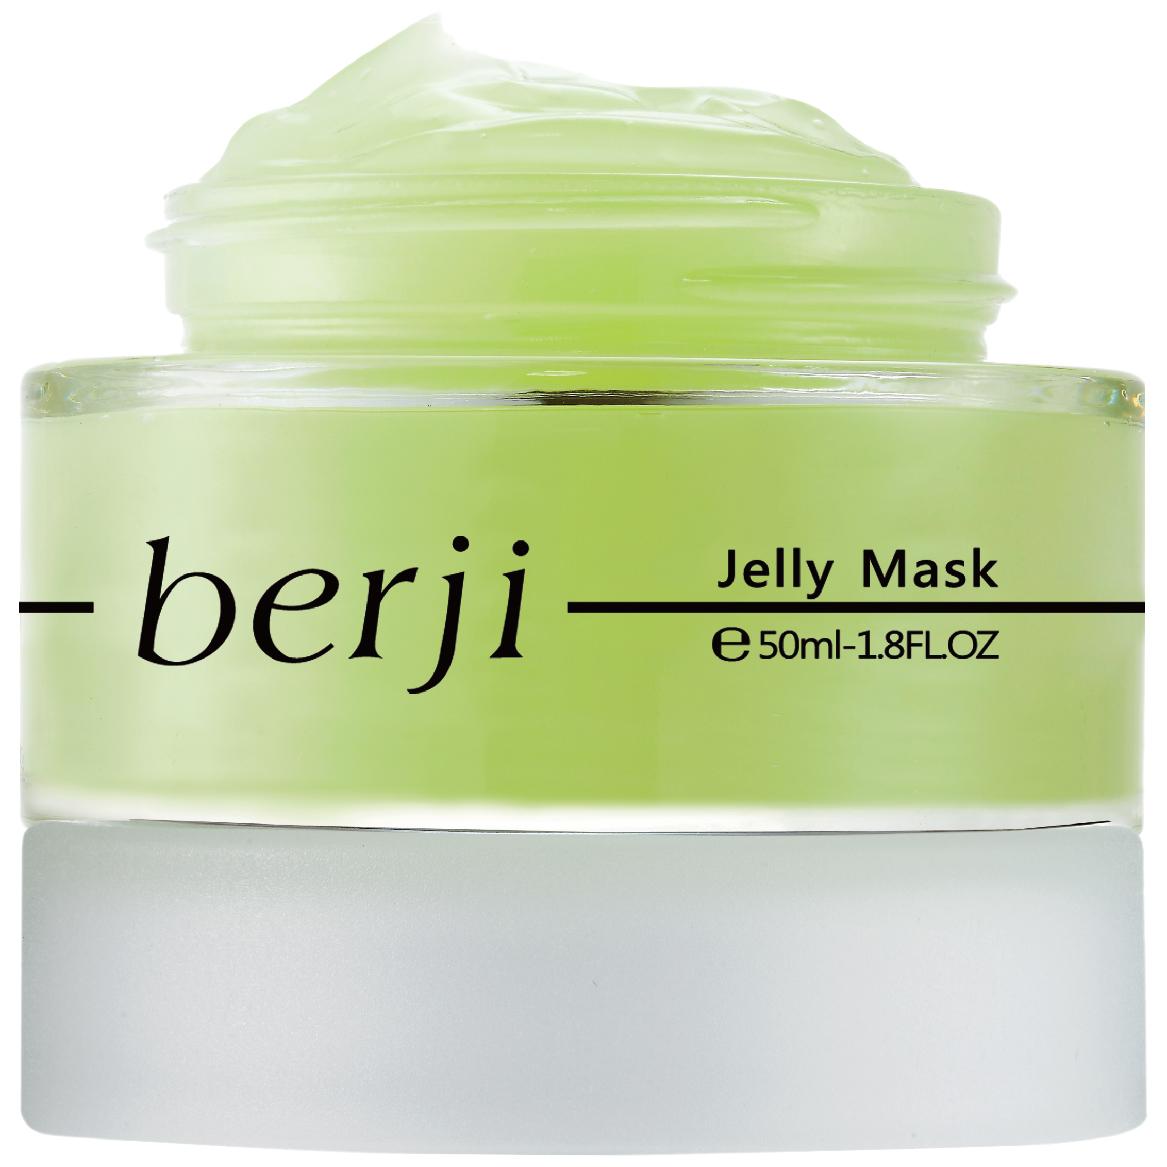 berji 臉部保養-全天候修護凍膜